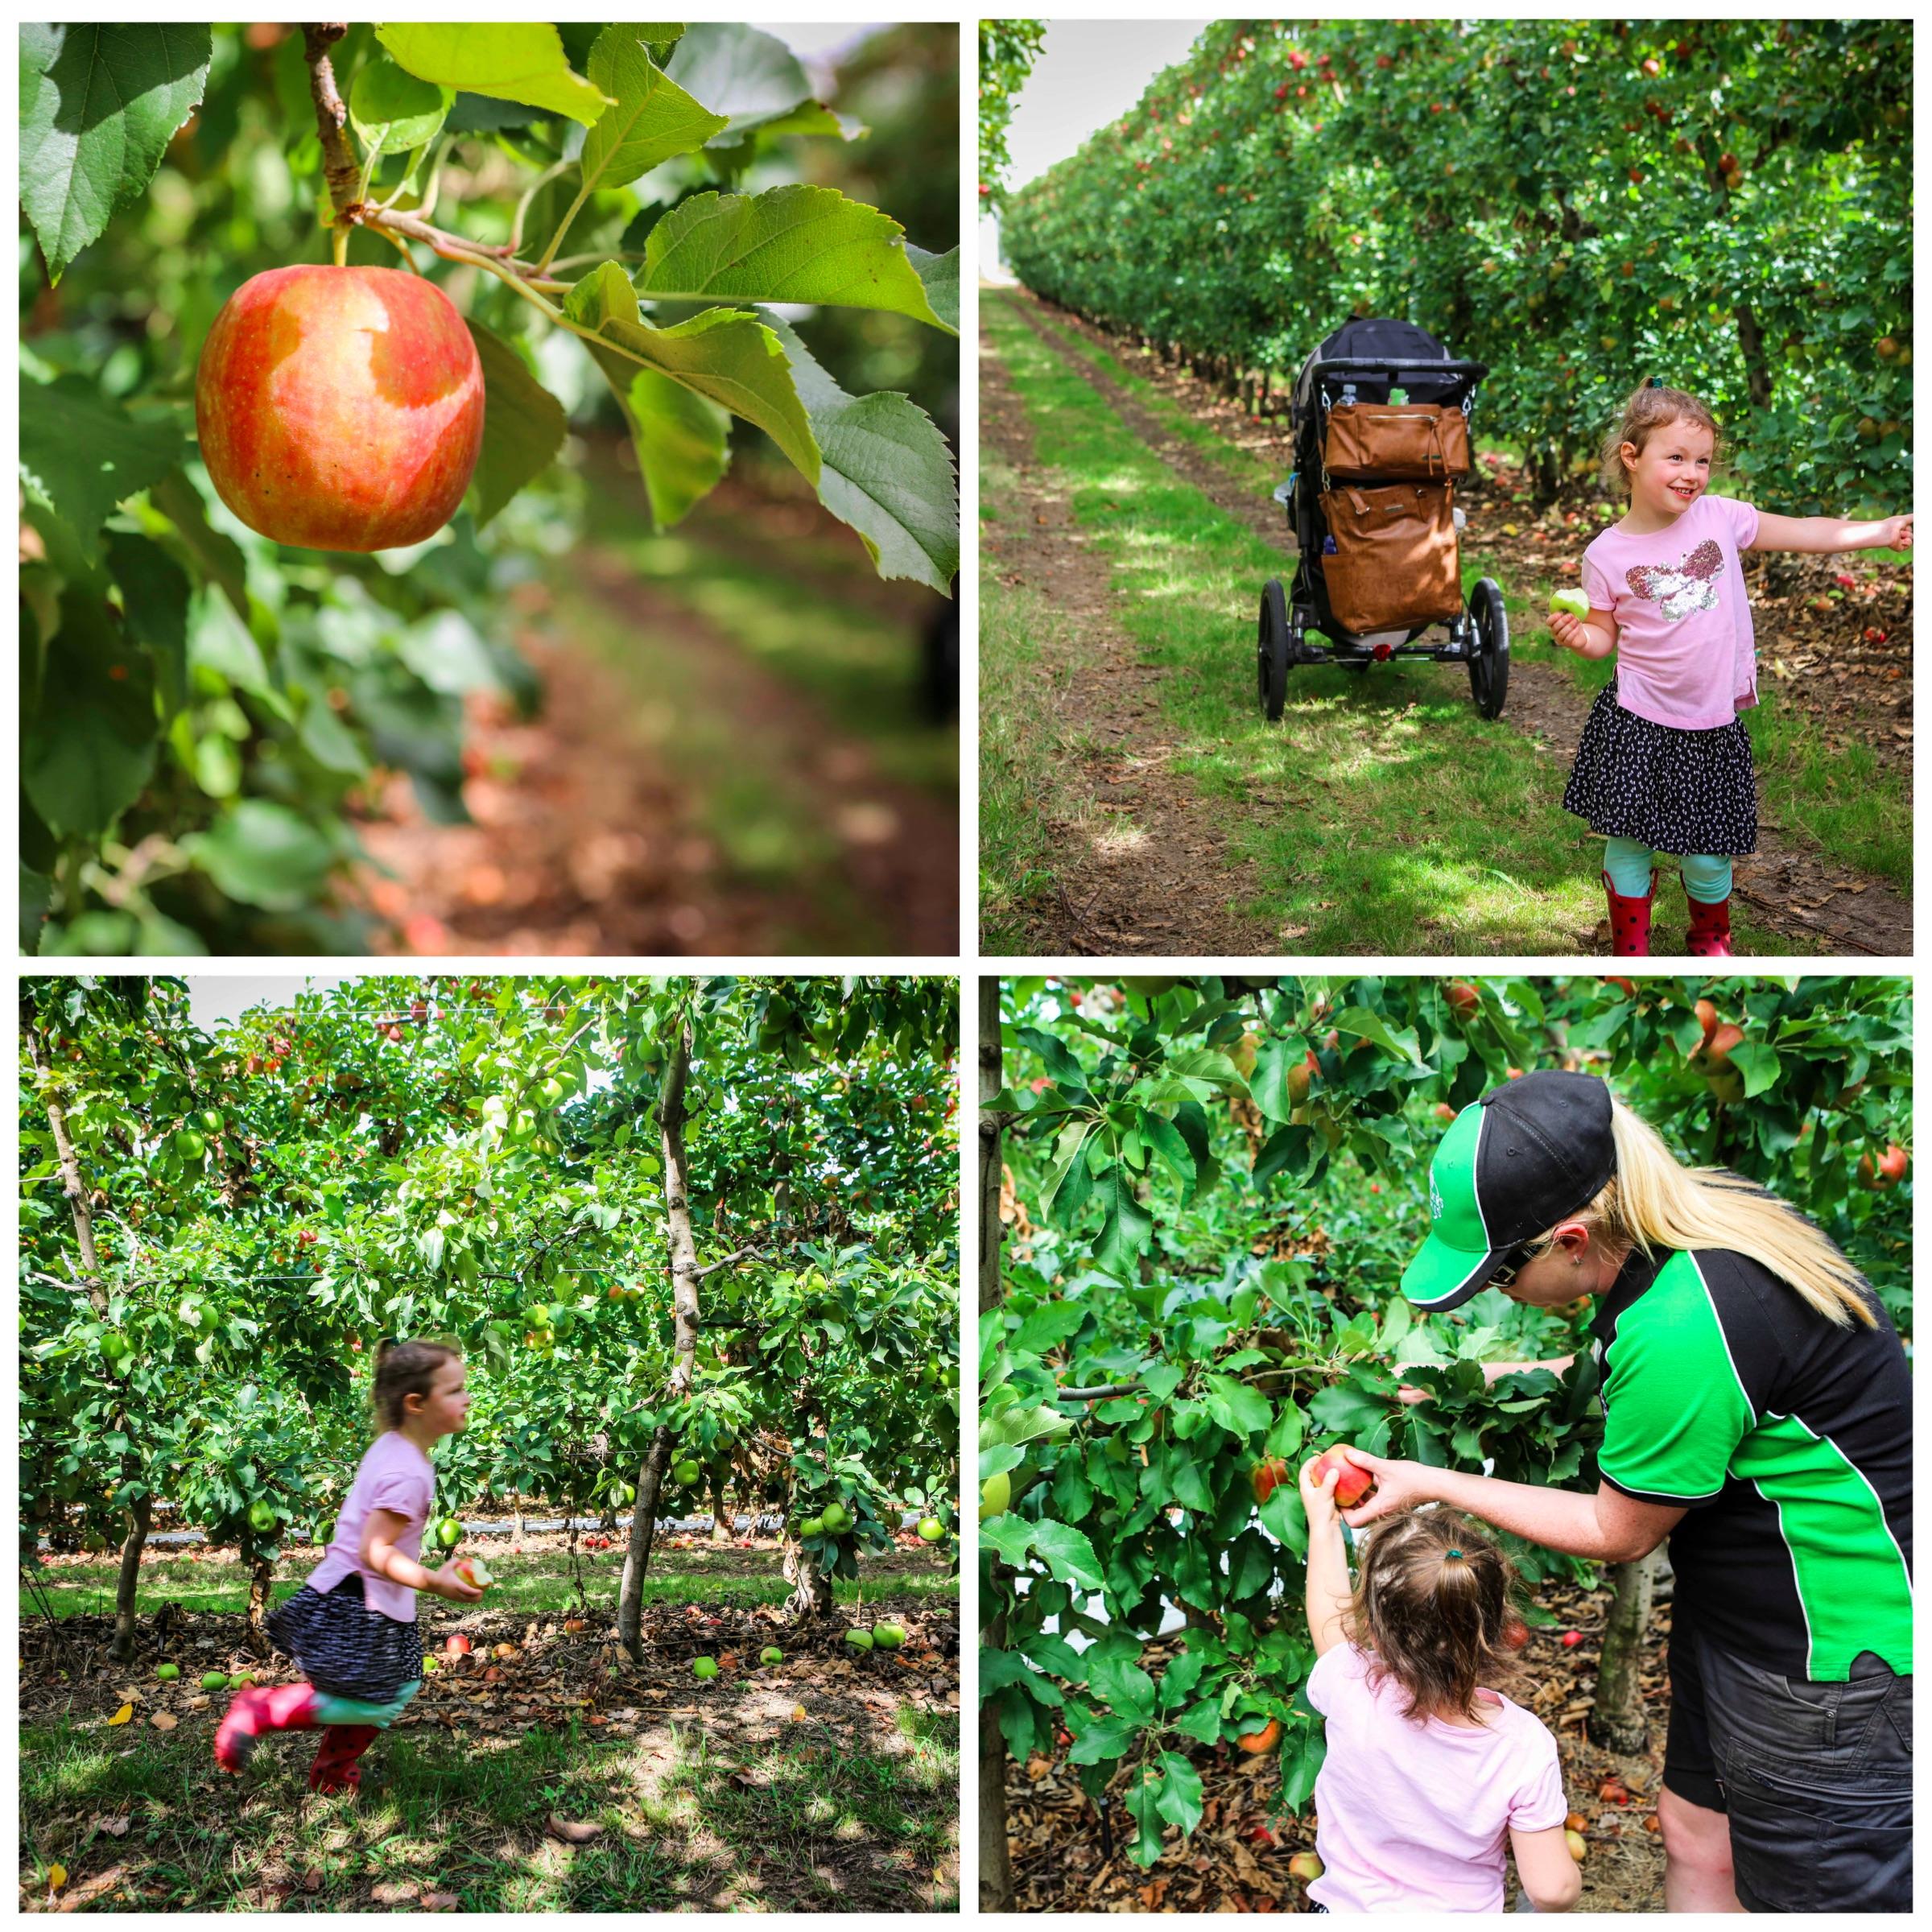 02 Mamma Knows East - Sanders Apples (1 of 40).jpg